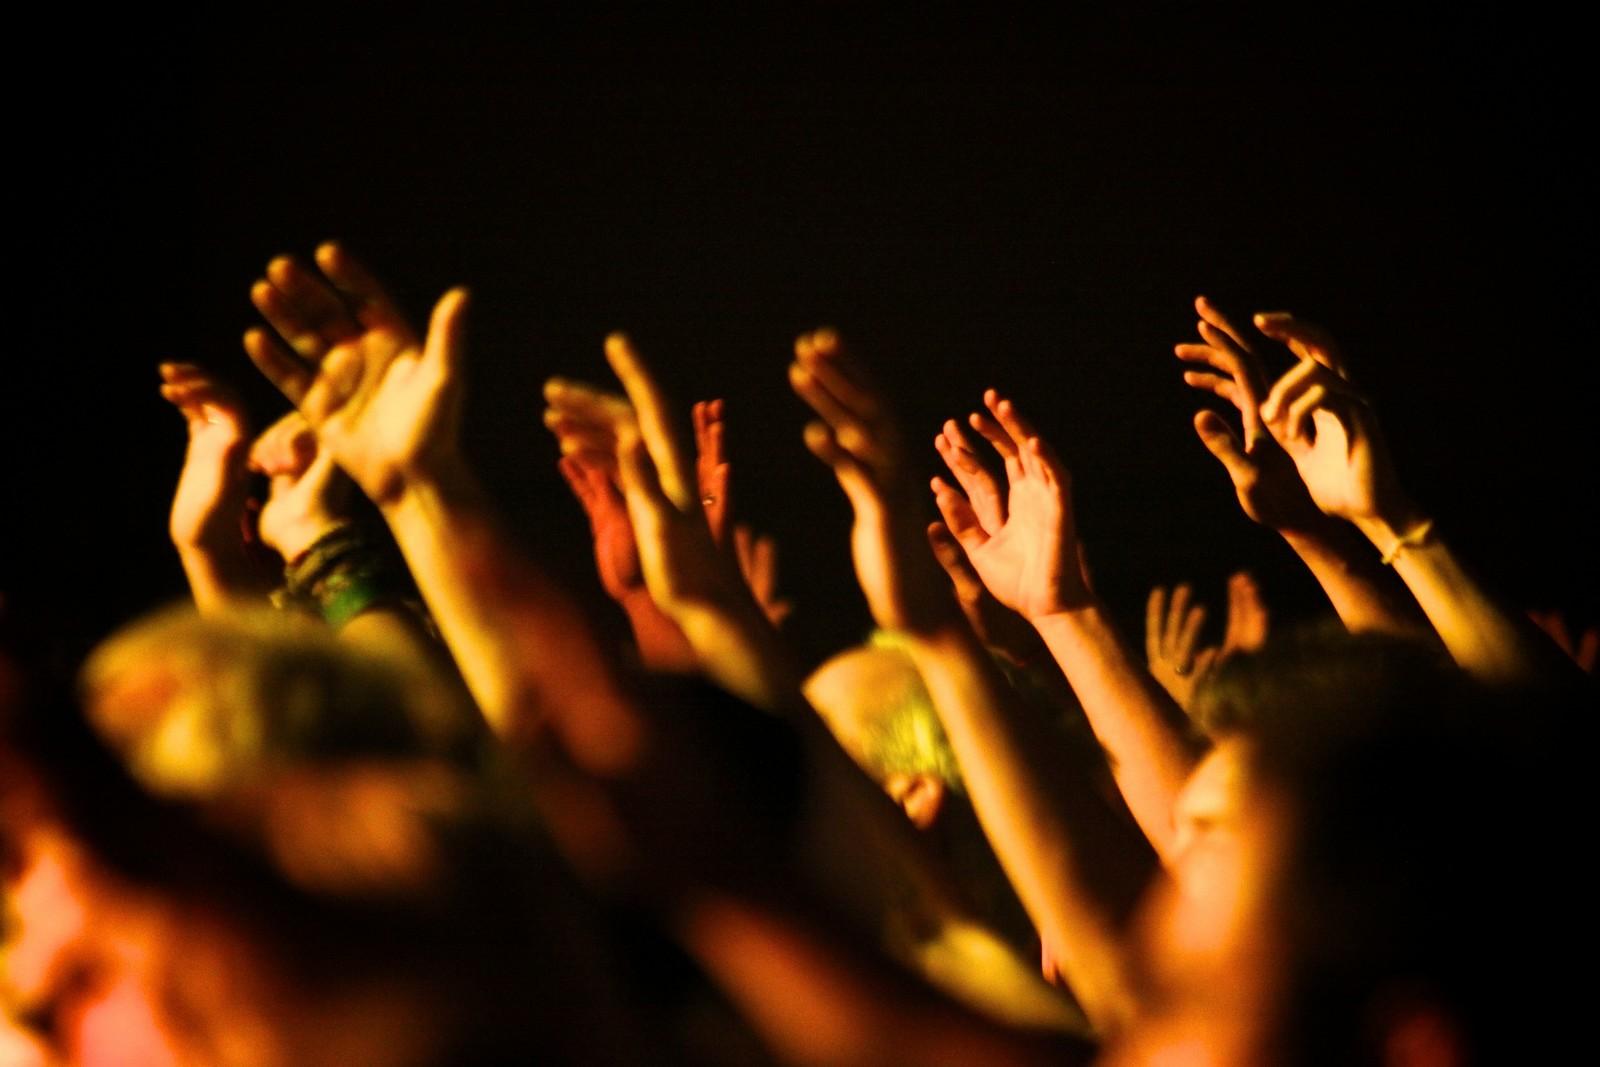 Crecen los Pentecostales y Caen los Católicos en Latinoamérica [¿por qué?]